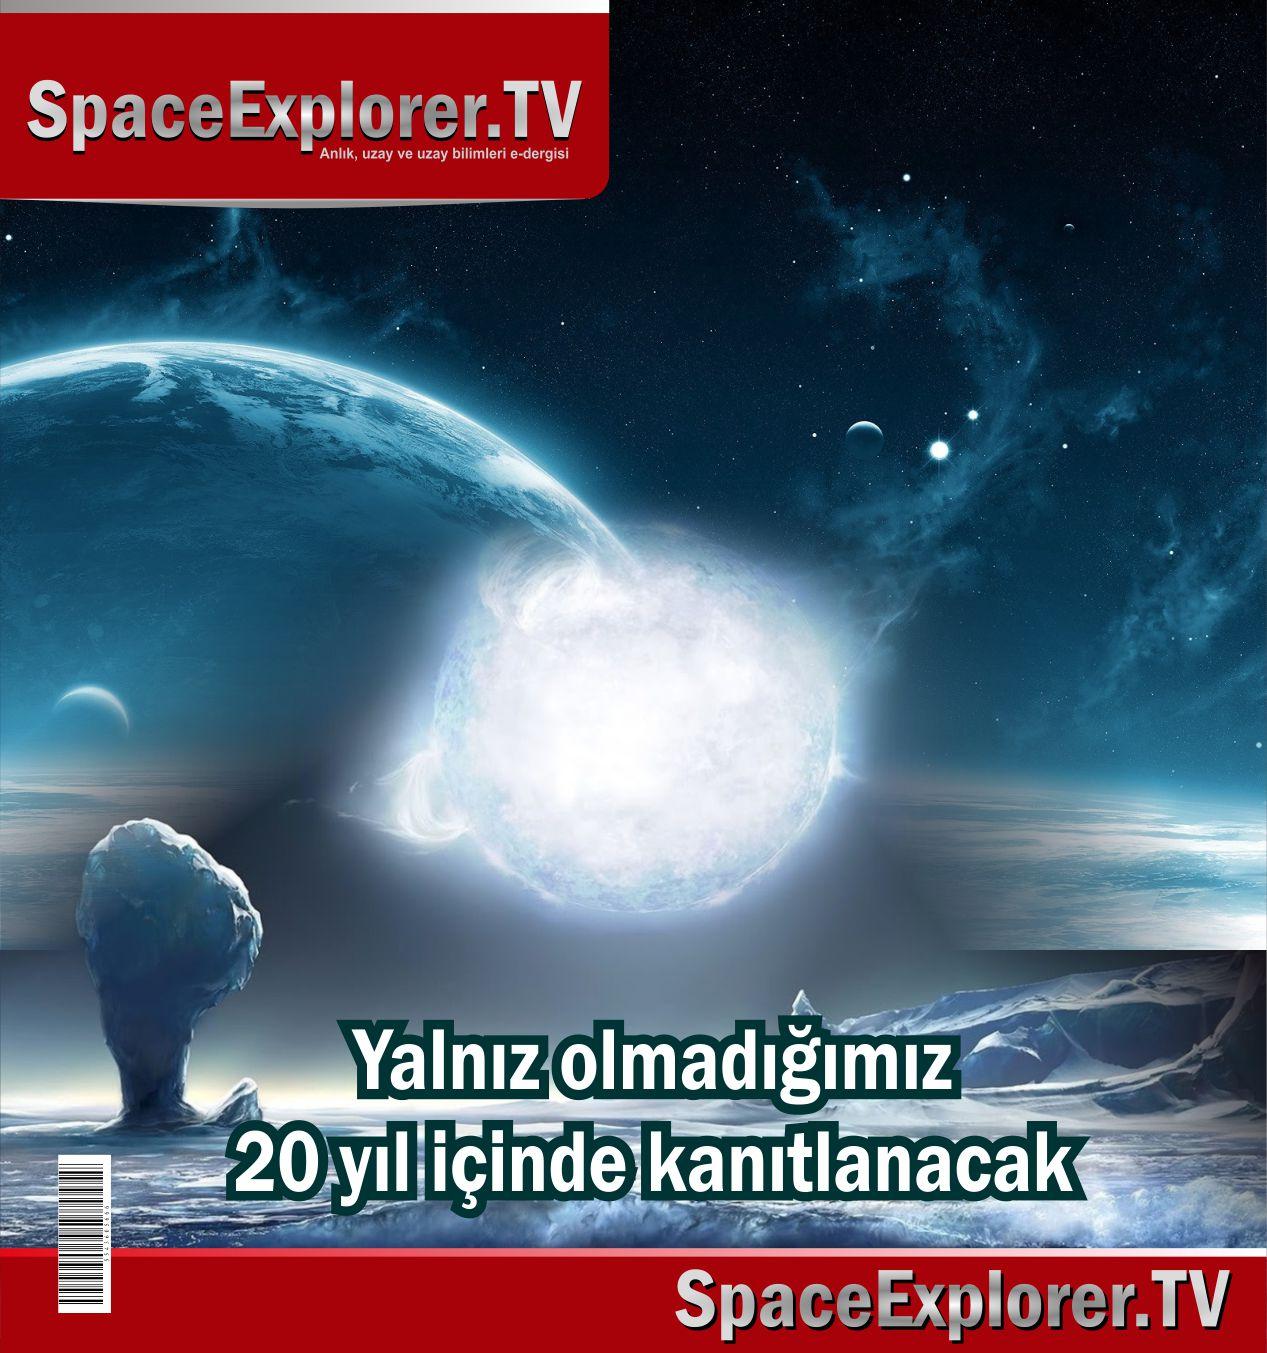 NASA, Uzayda hayat var mı?, Hubble uzay teleskopu, Kepler uzay teleskopu, Spitzer uzay teleskopu, Teleskoplar, Evrende yalnız mıyız?, Massachusetts Teknoloji Enstitüsü